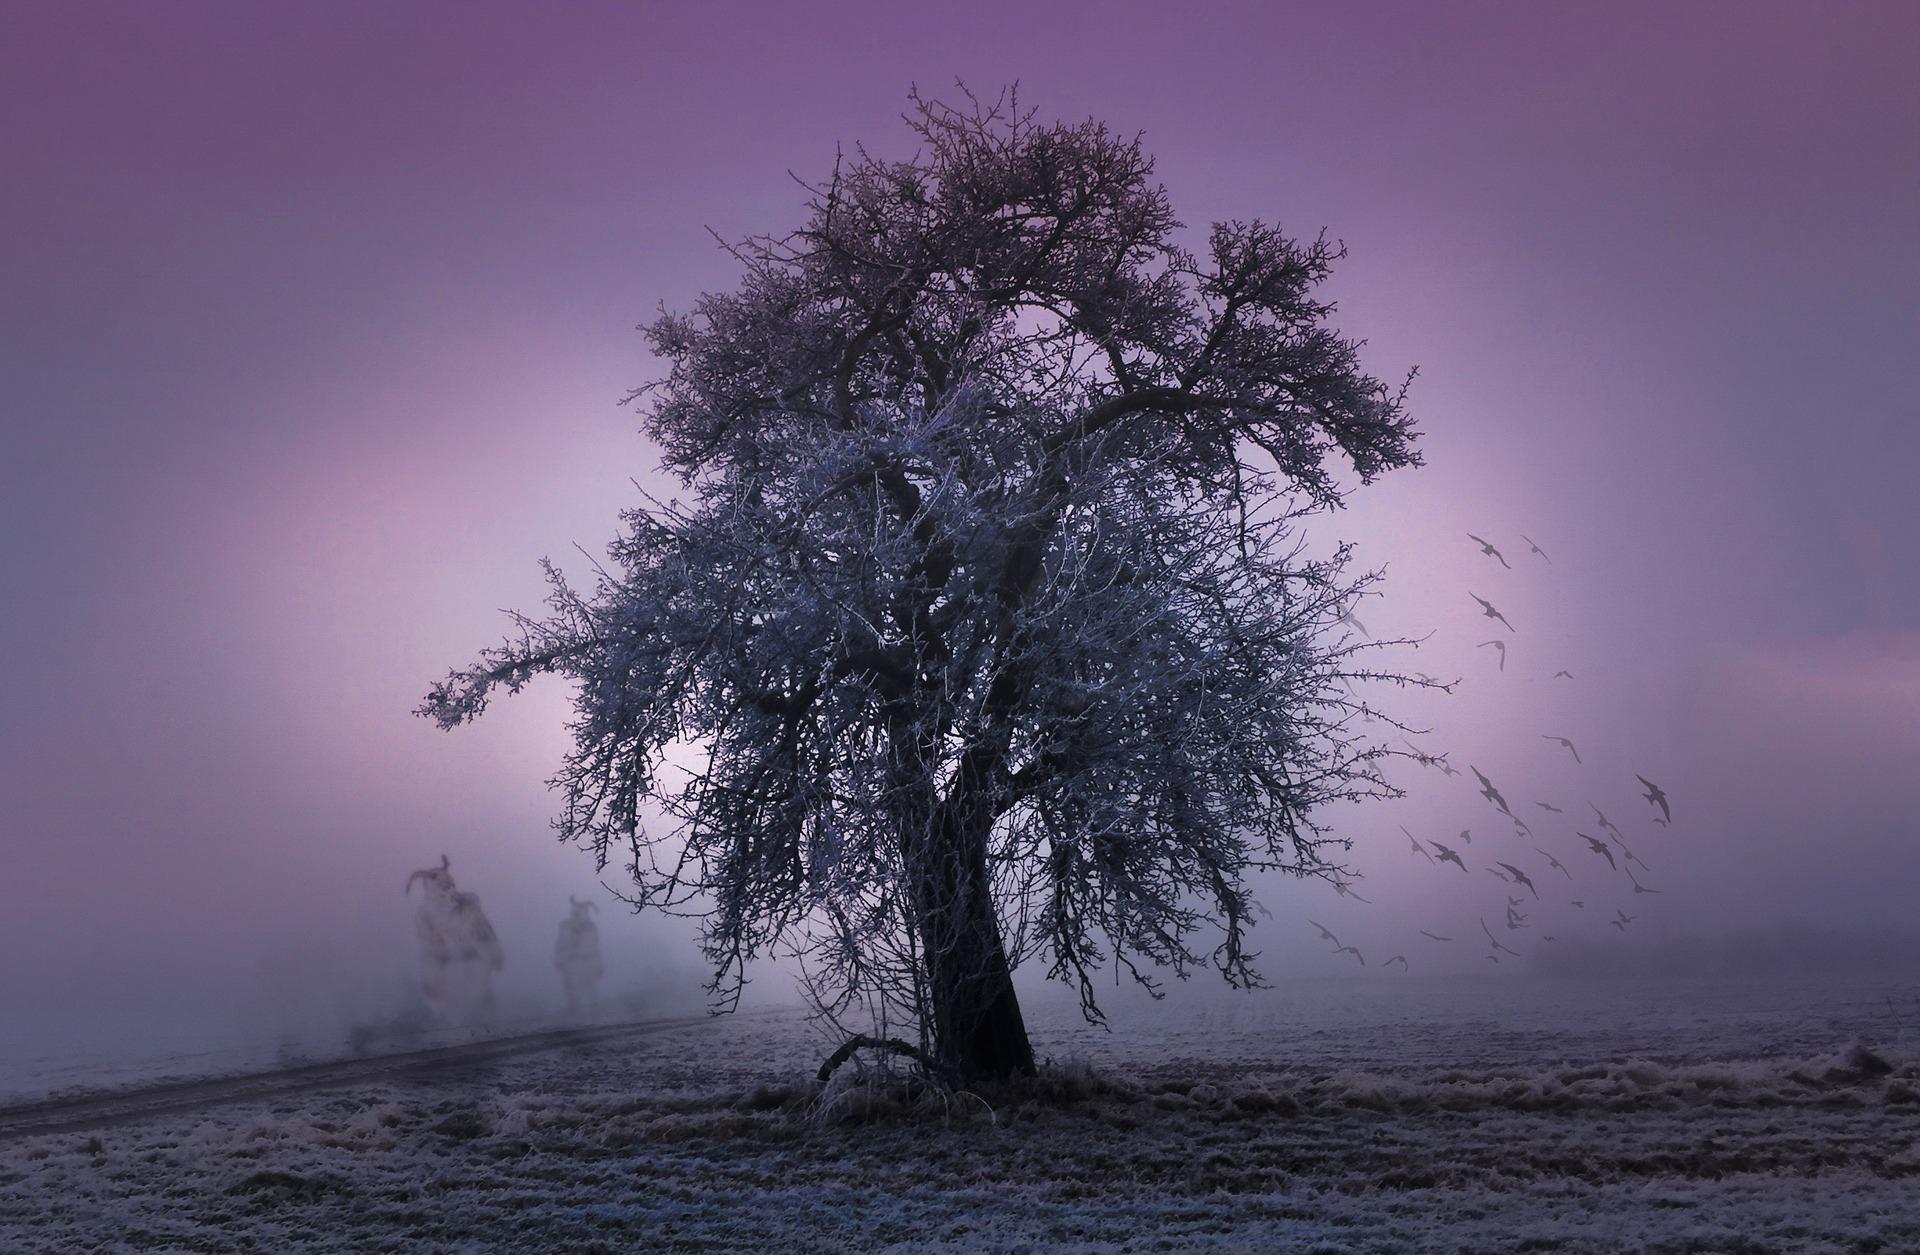 Baum im Zwielicht mit Raben und Dämonen.